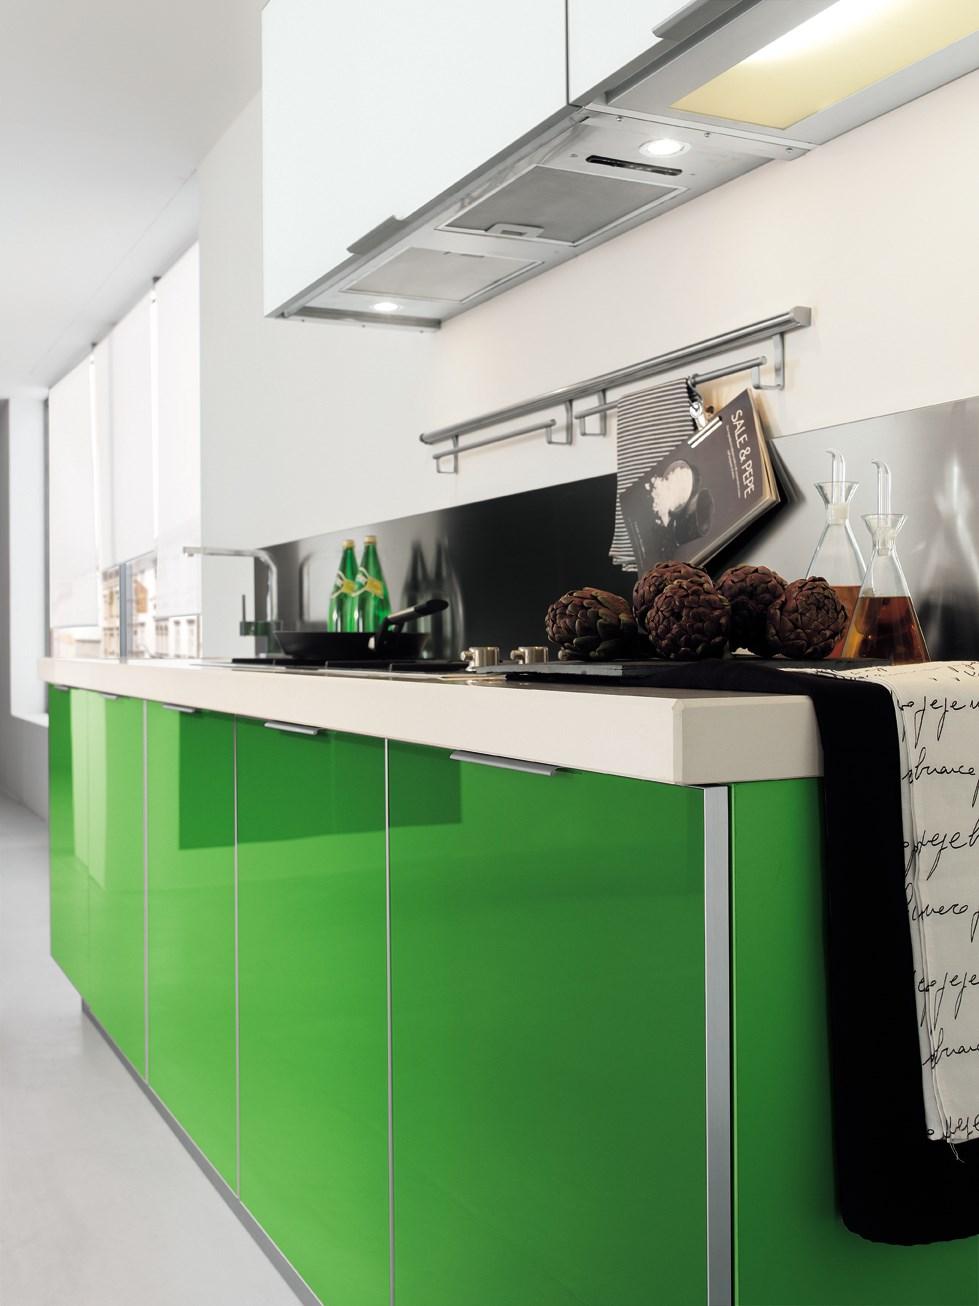 Piani da lavoro e top in quarzo per la cucina - Piani cucina in quarzo ...